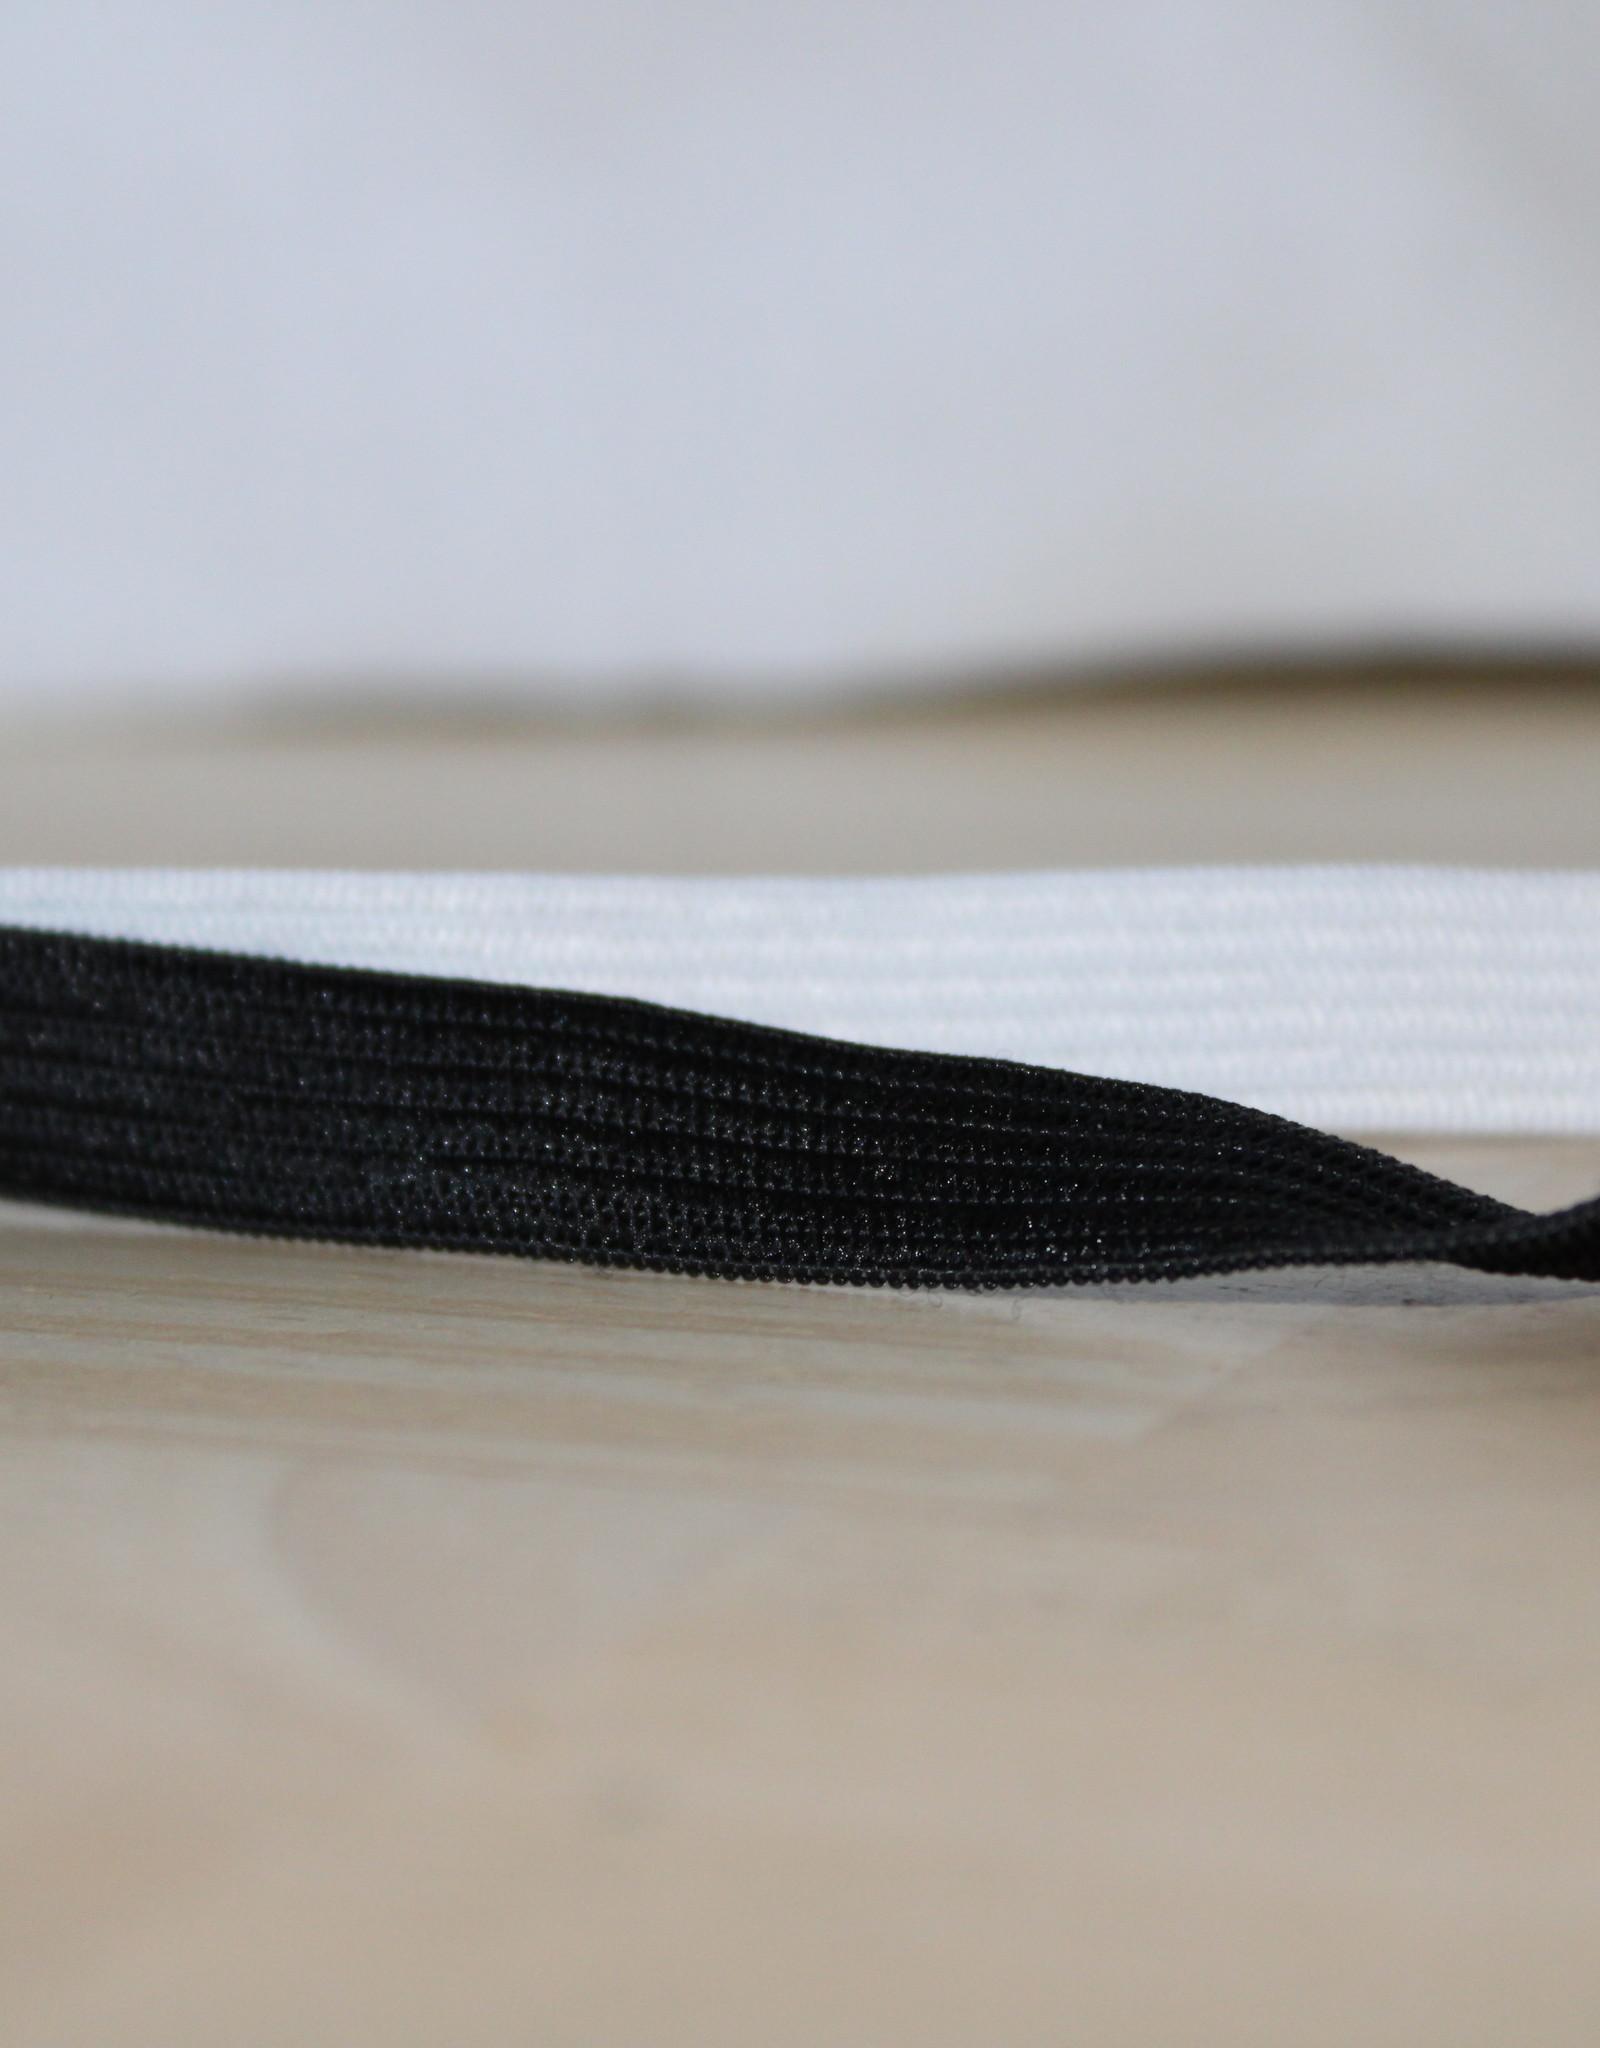 Soepele elastiek 1cm wit